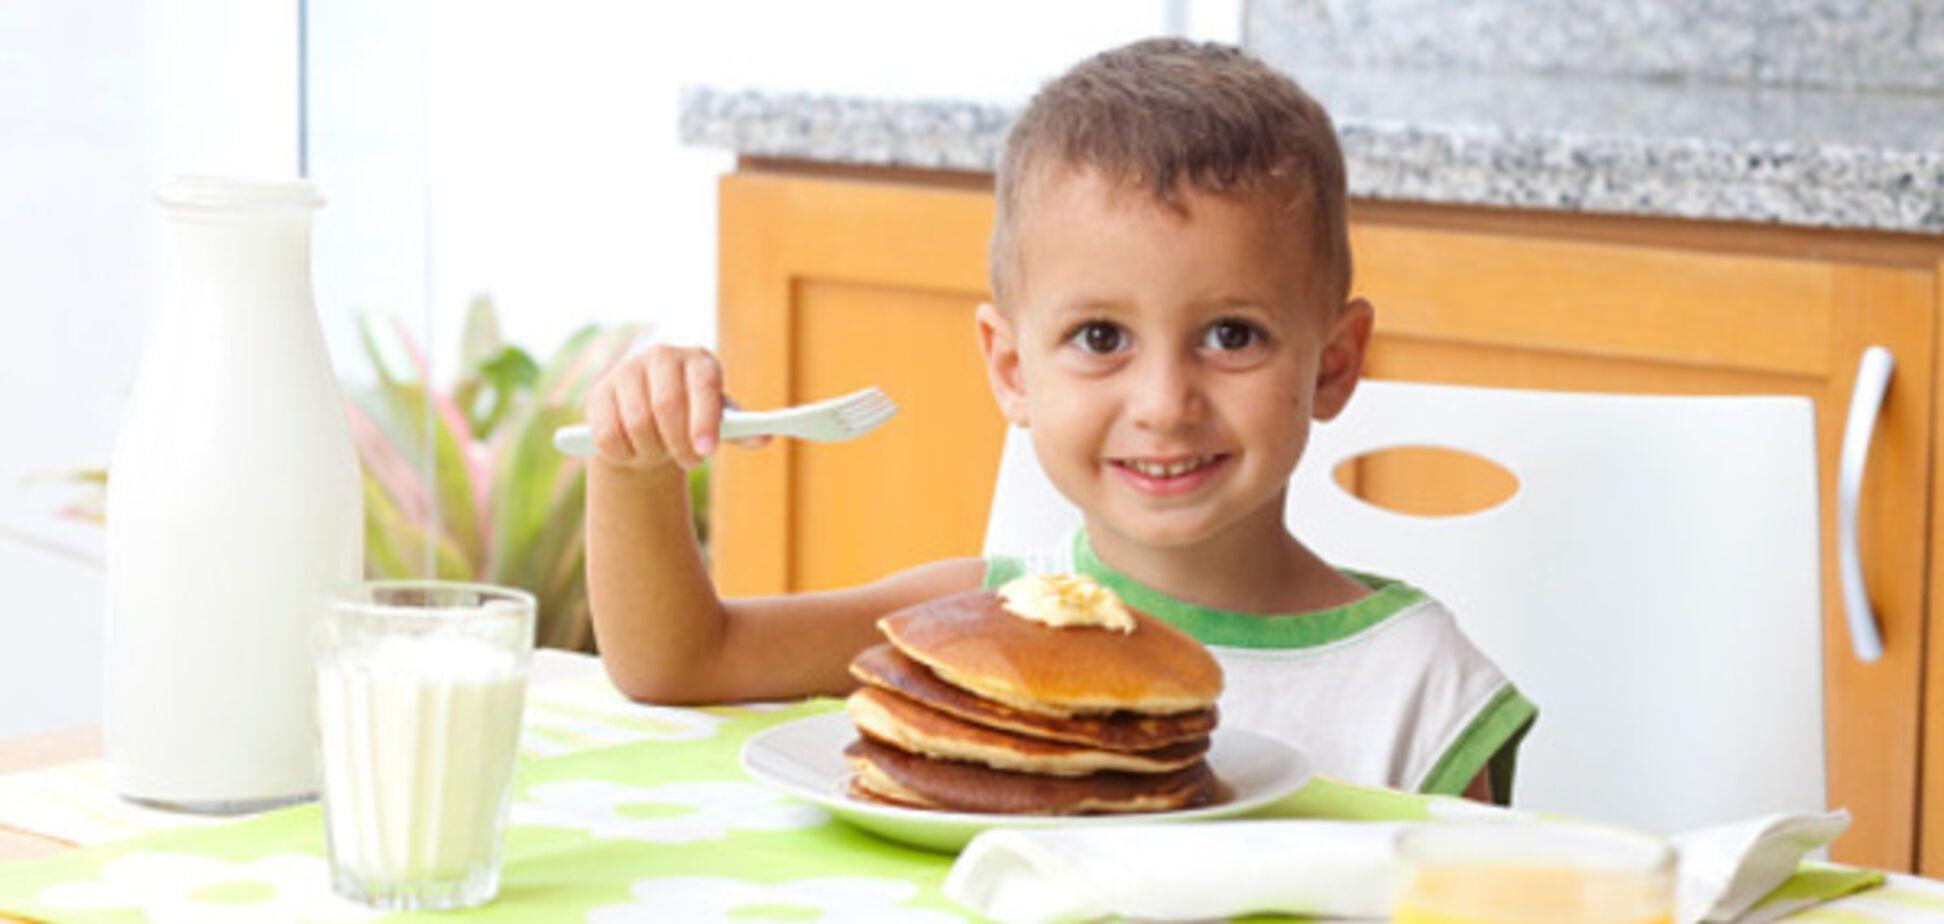 Масляна: топ-5 дитячих начинок для млинців